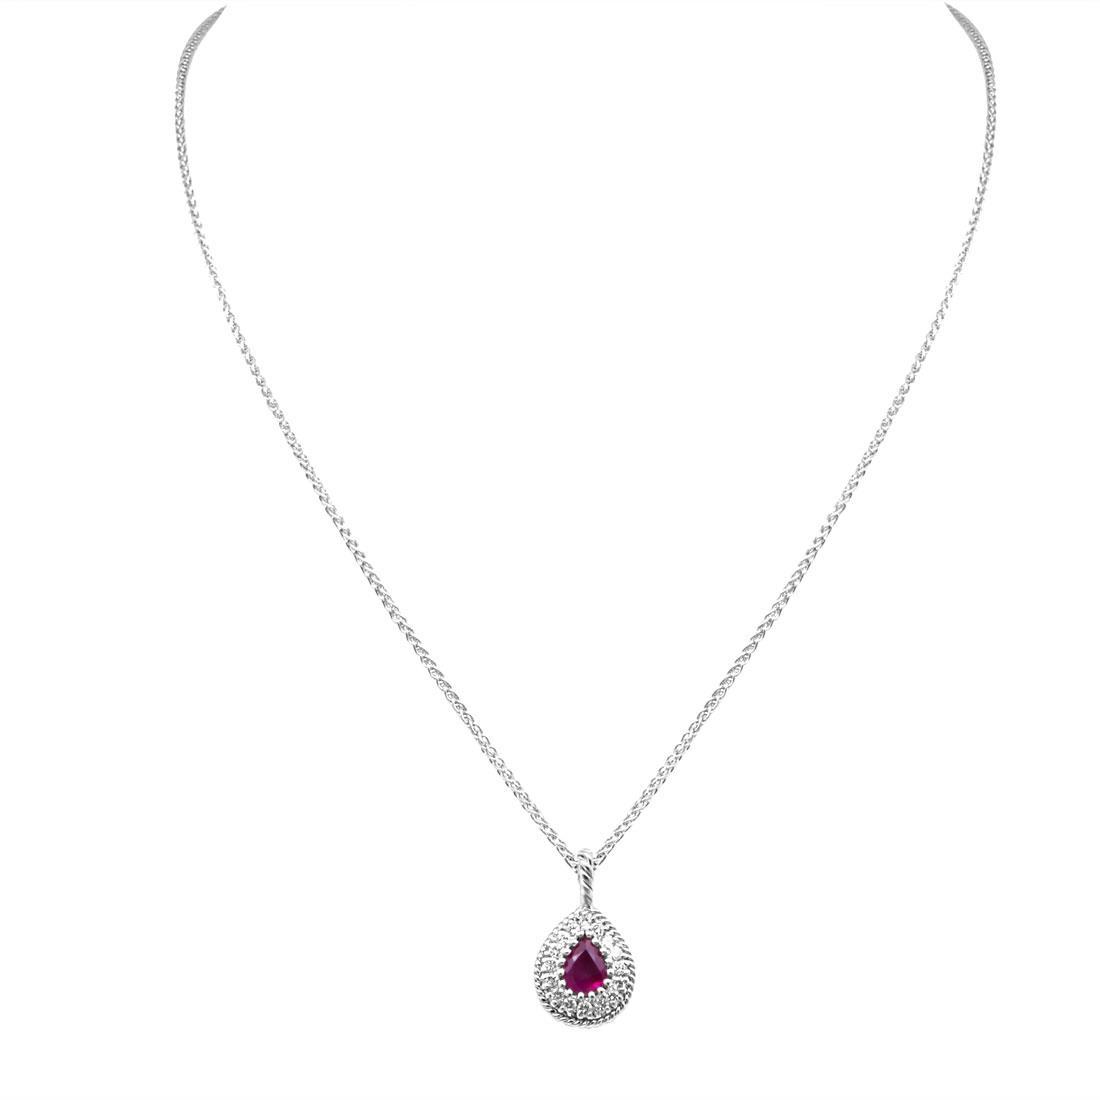 Collana in oro bianco con diamanti ct 0.18 e rubino ct 0.40 - SALVINI